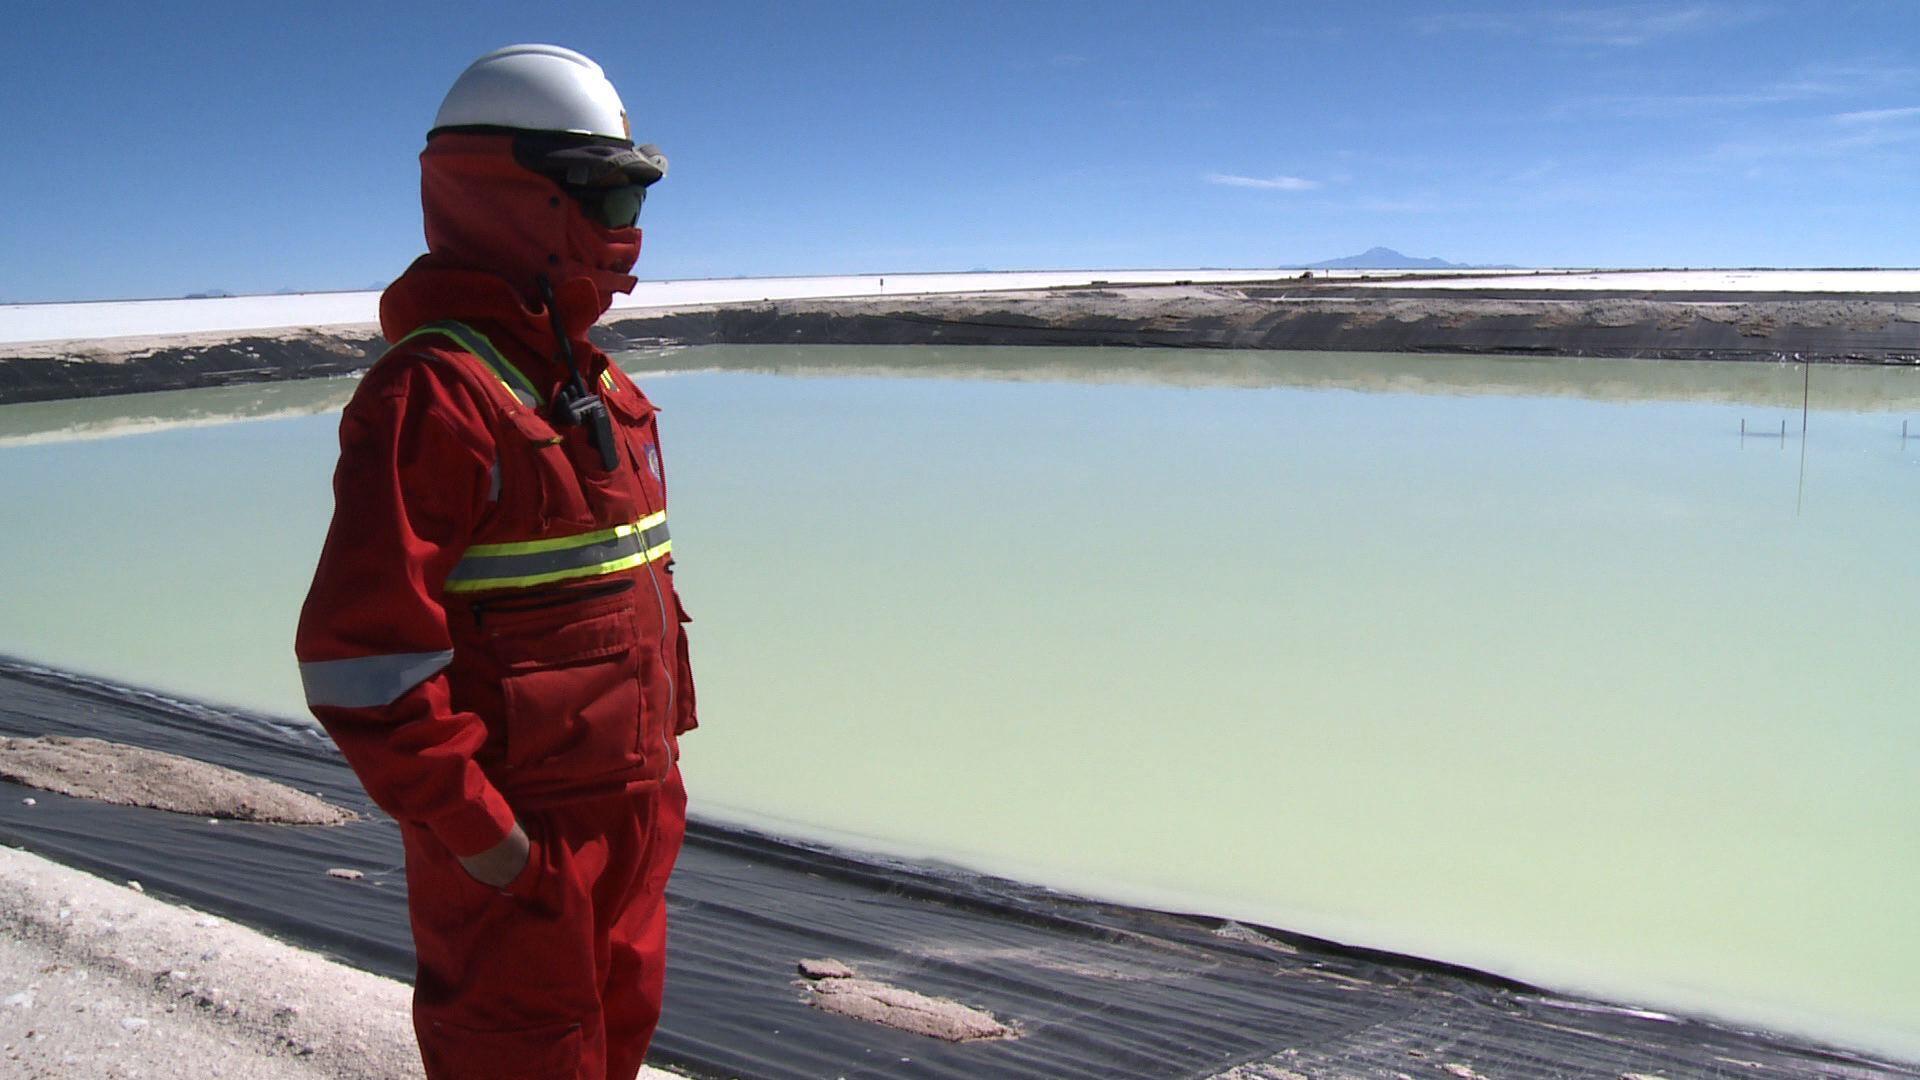 A près de 4 000 mètres d'altitude, les conditions sont extrêmes sur le Salar d'Uyuni, le plus grand désert de sel au monde.